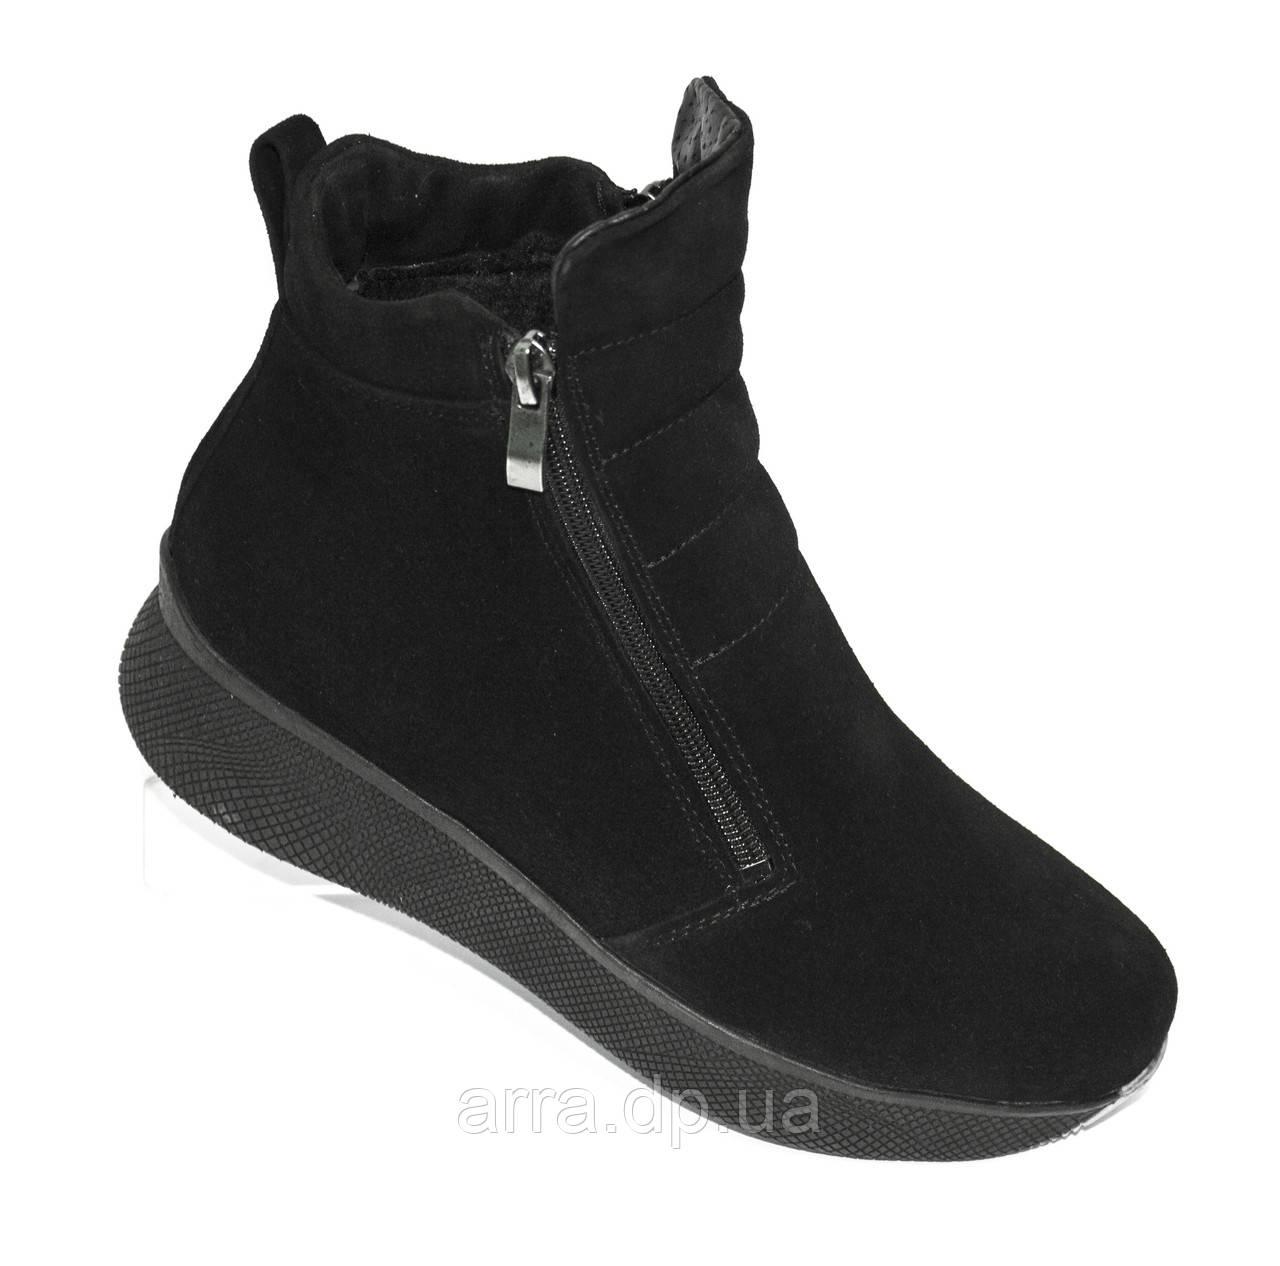 027bb770a Ботинки замшевые спорт: продажа, цена в Днепропетровской области ...